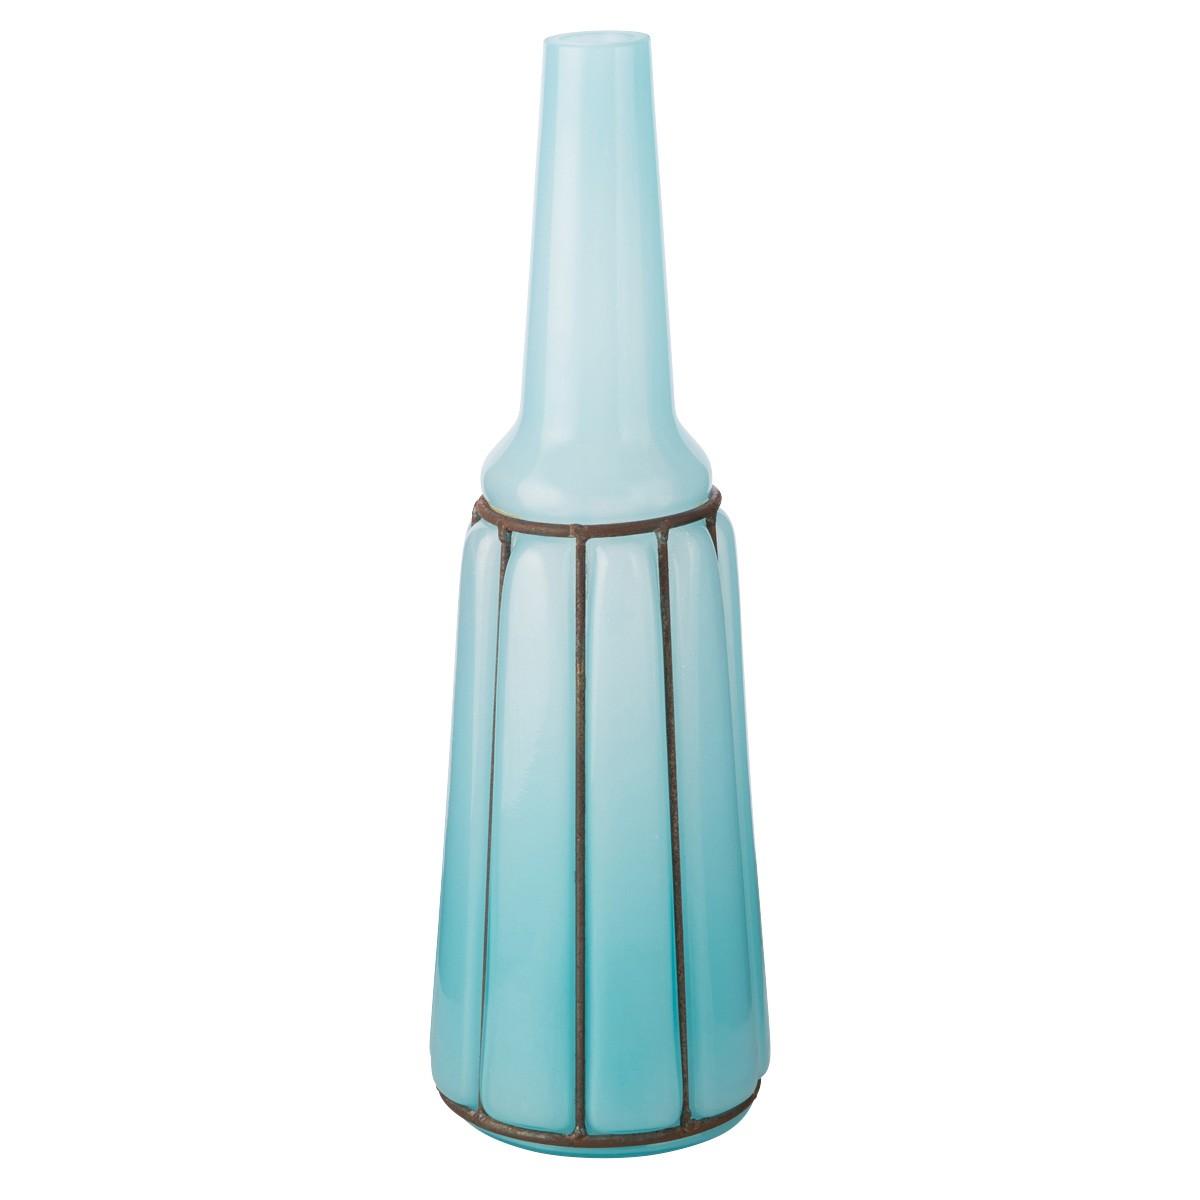 Billington Opaque Glass Long Neck Vase, Medium, Aqua